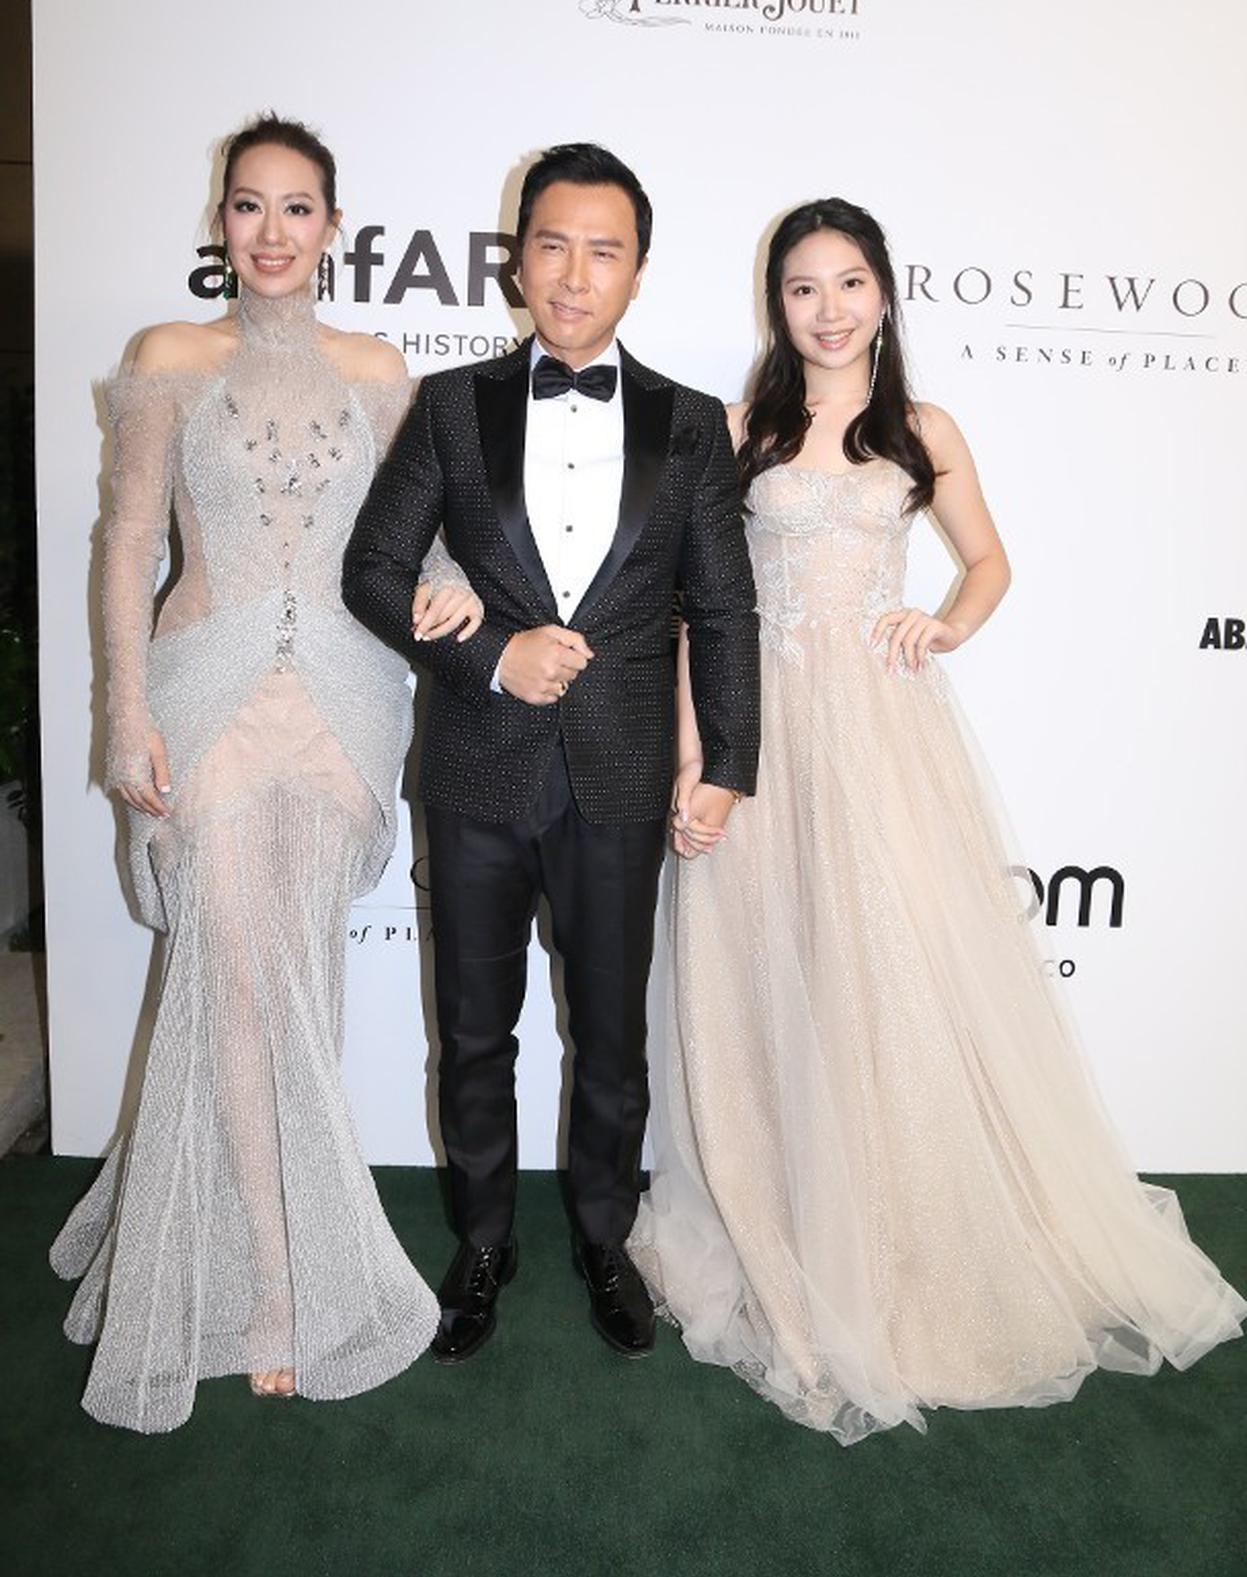 甄子丹以聯合主席的身份與太太汪詩詩及女兒出席大型慈善晚宴。